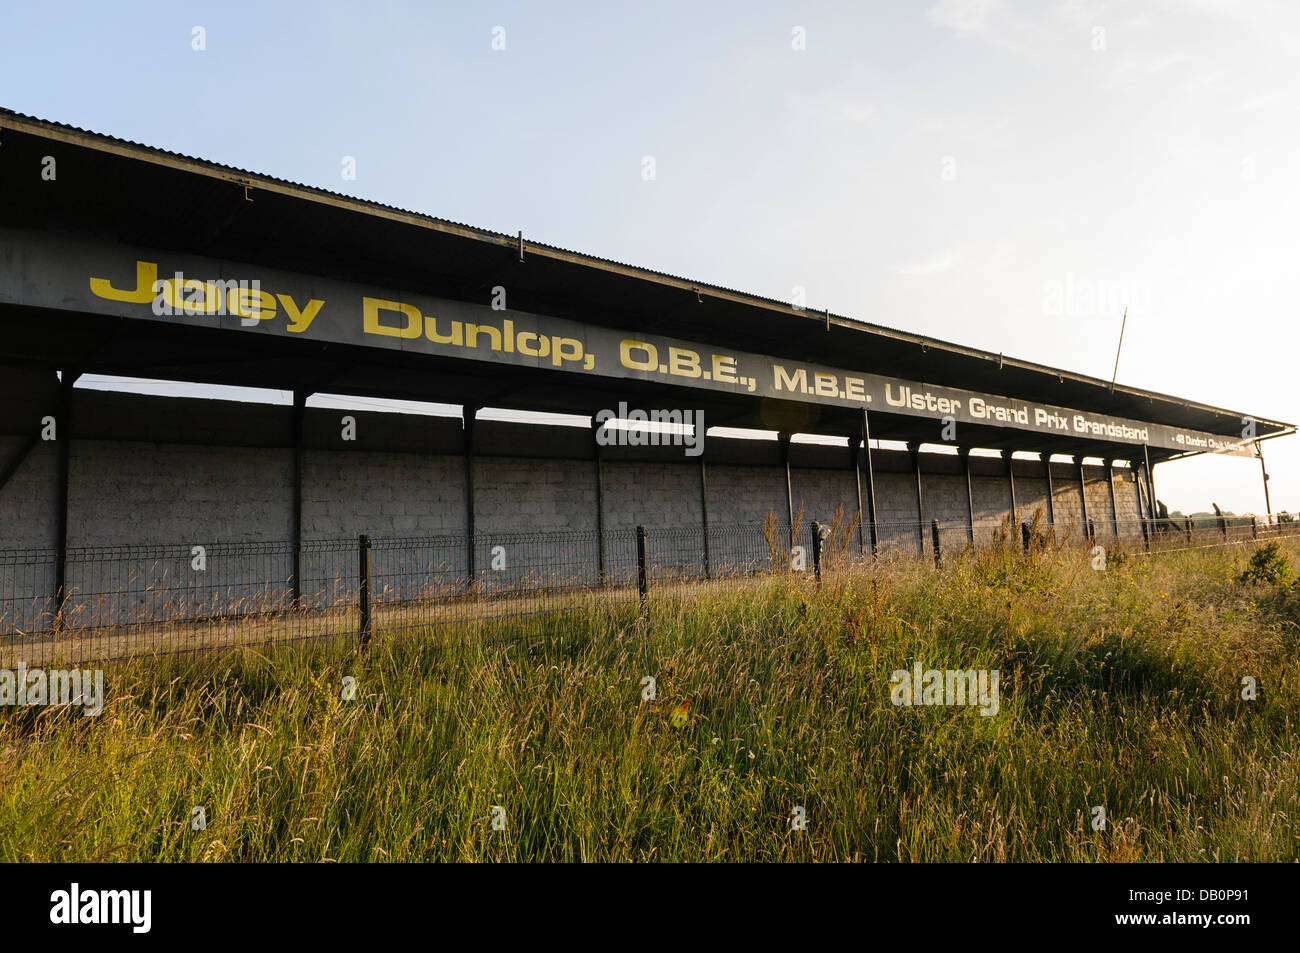 Joey Dunlop Grandstand presso la linea di partenza e una di arrivo dell'Ulster Grand Prix motorcycle road race Immagini Stock